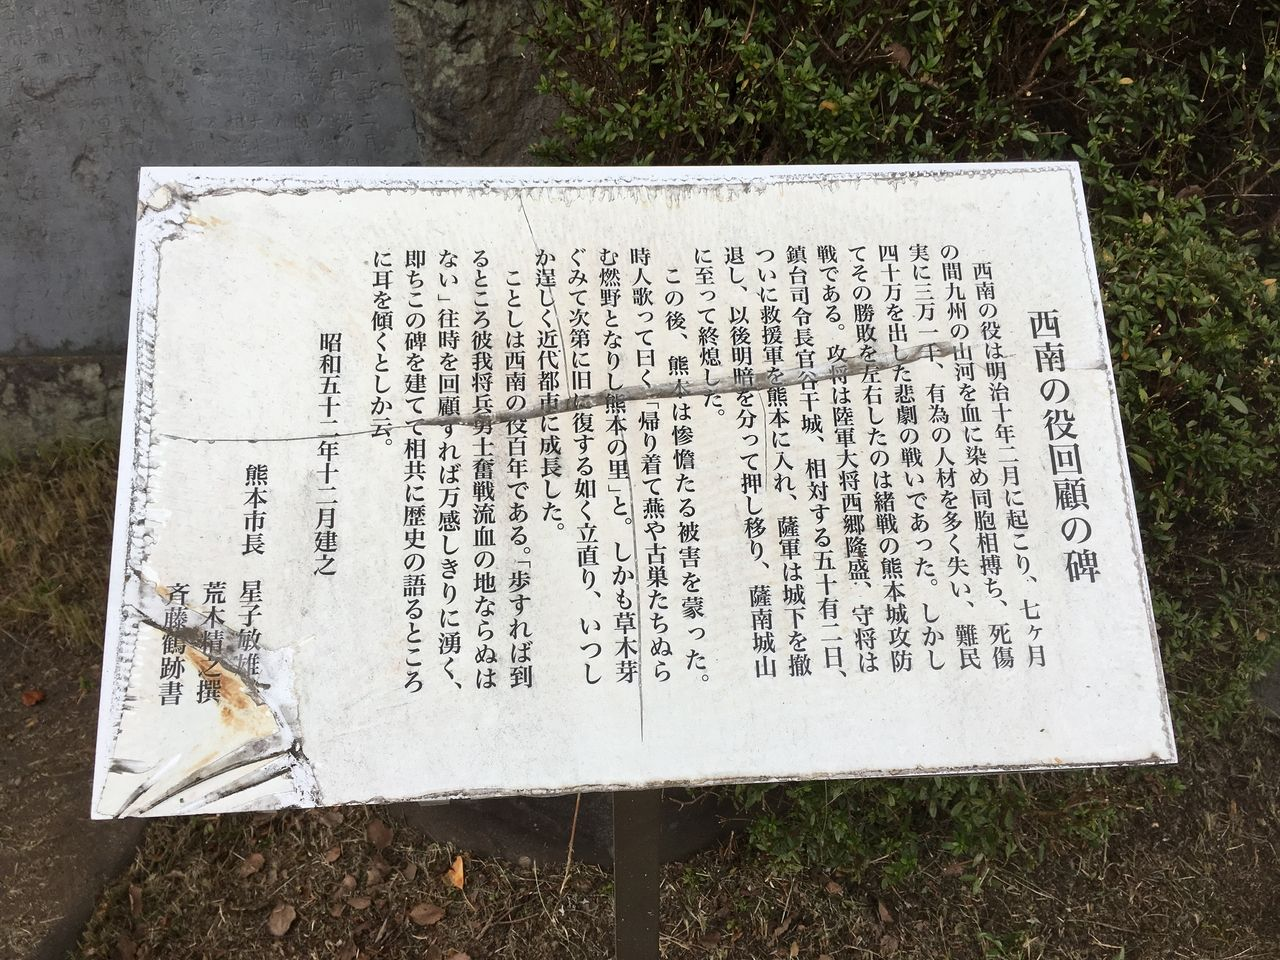 昭和52年12月建立 西南の役100年の記念として建立